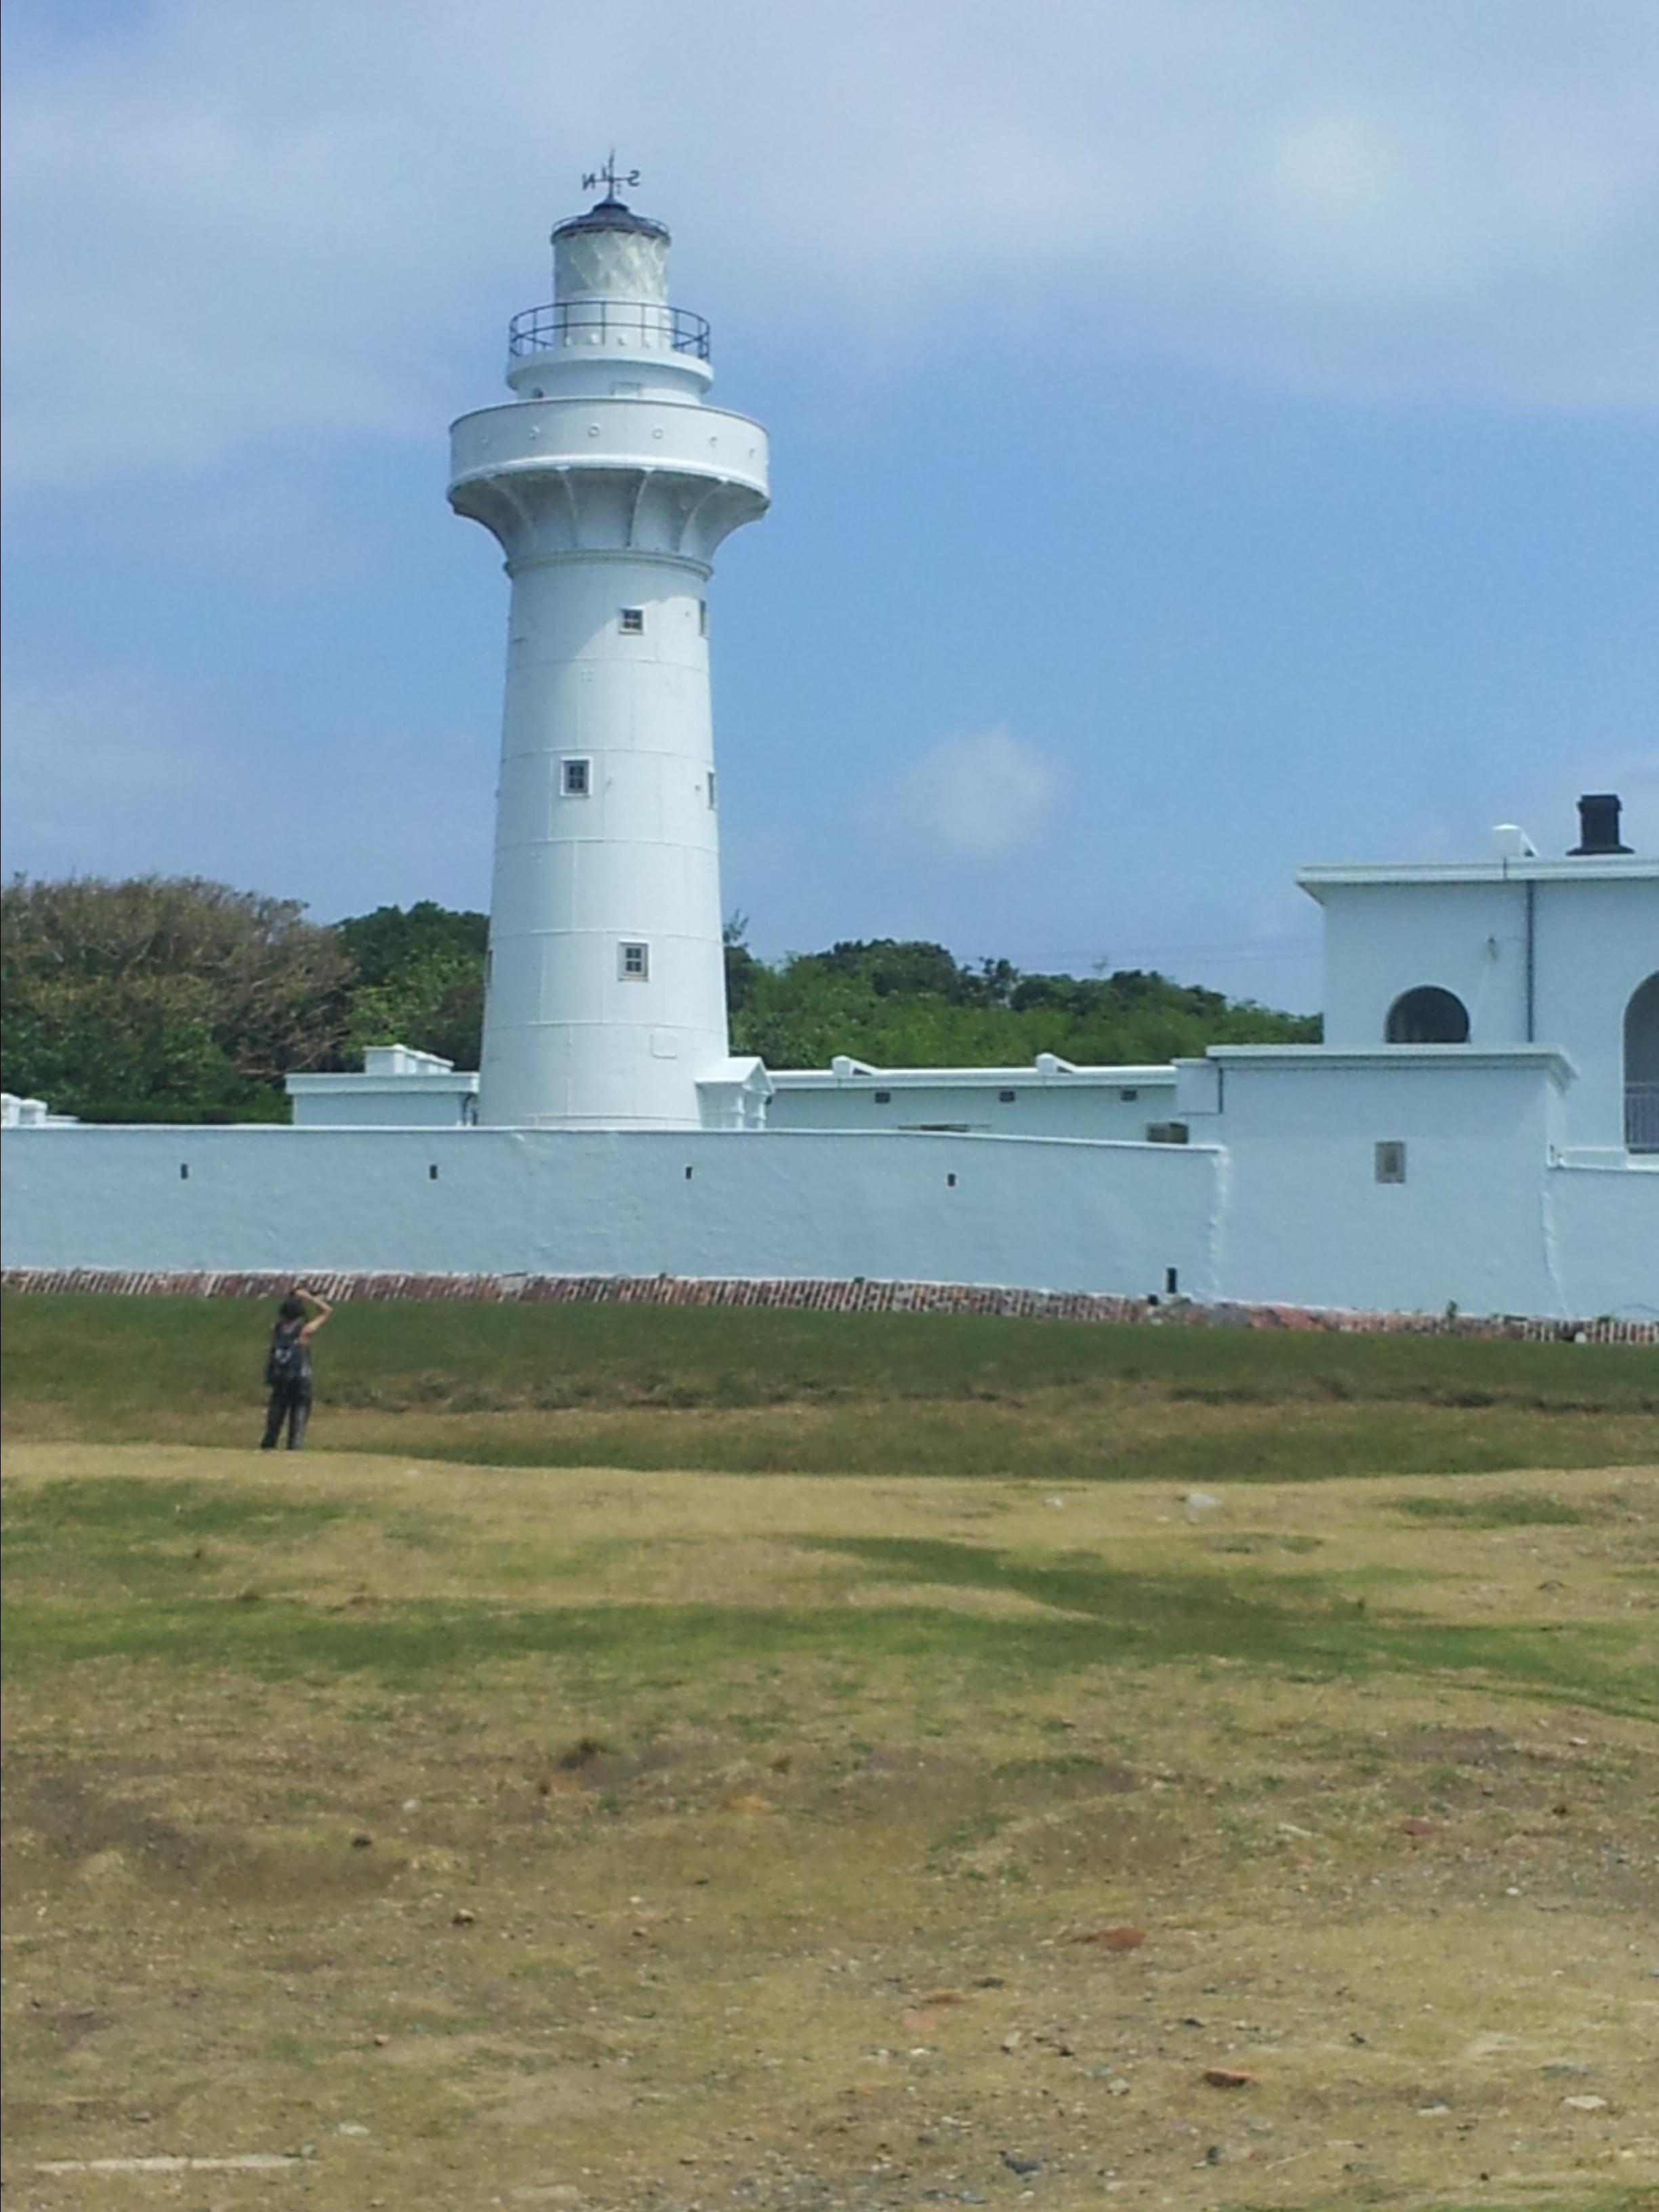 杨玉莹色�_灯塔所在地设有鹅銮鼻公园,一度被认为是台湾最南端的标志,后被台湾最